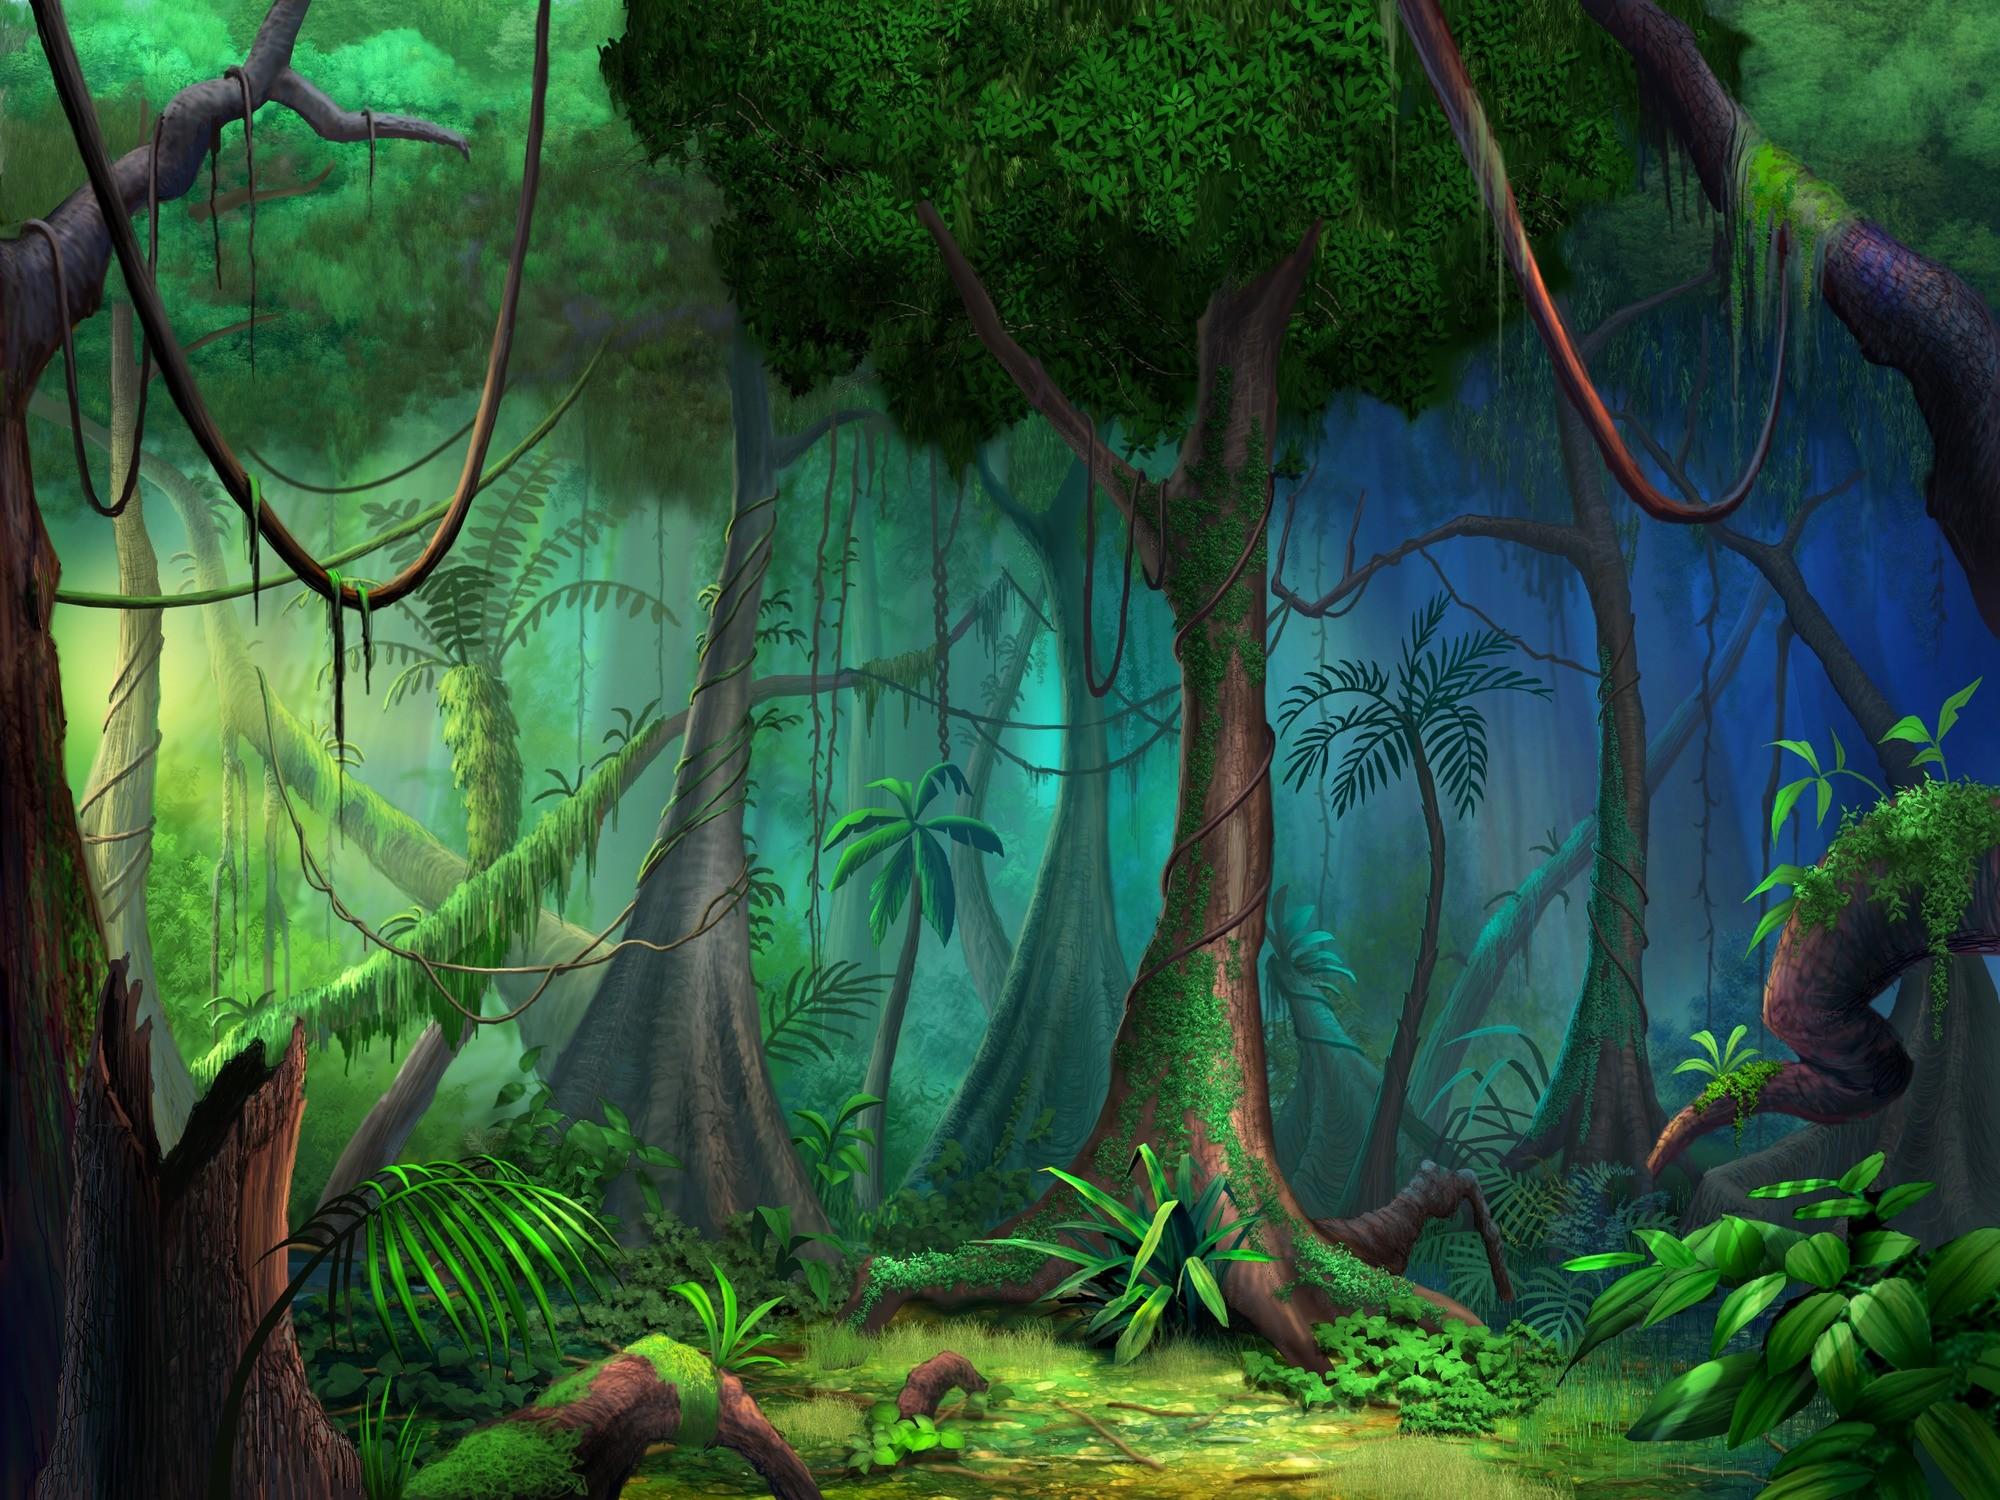 Rainforest Wall Mural Photo Wallpaper